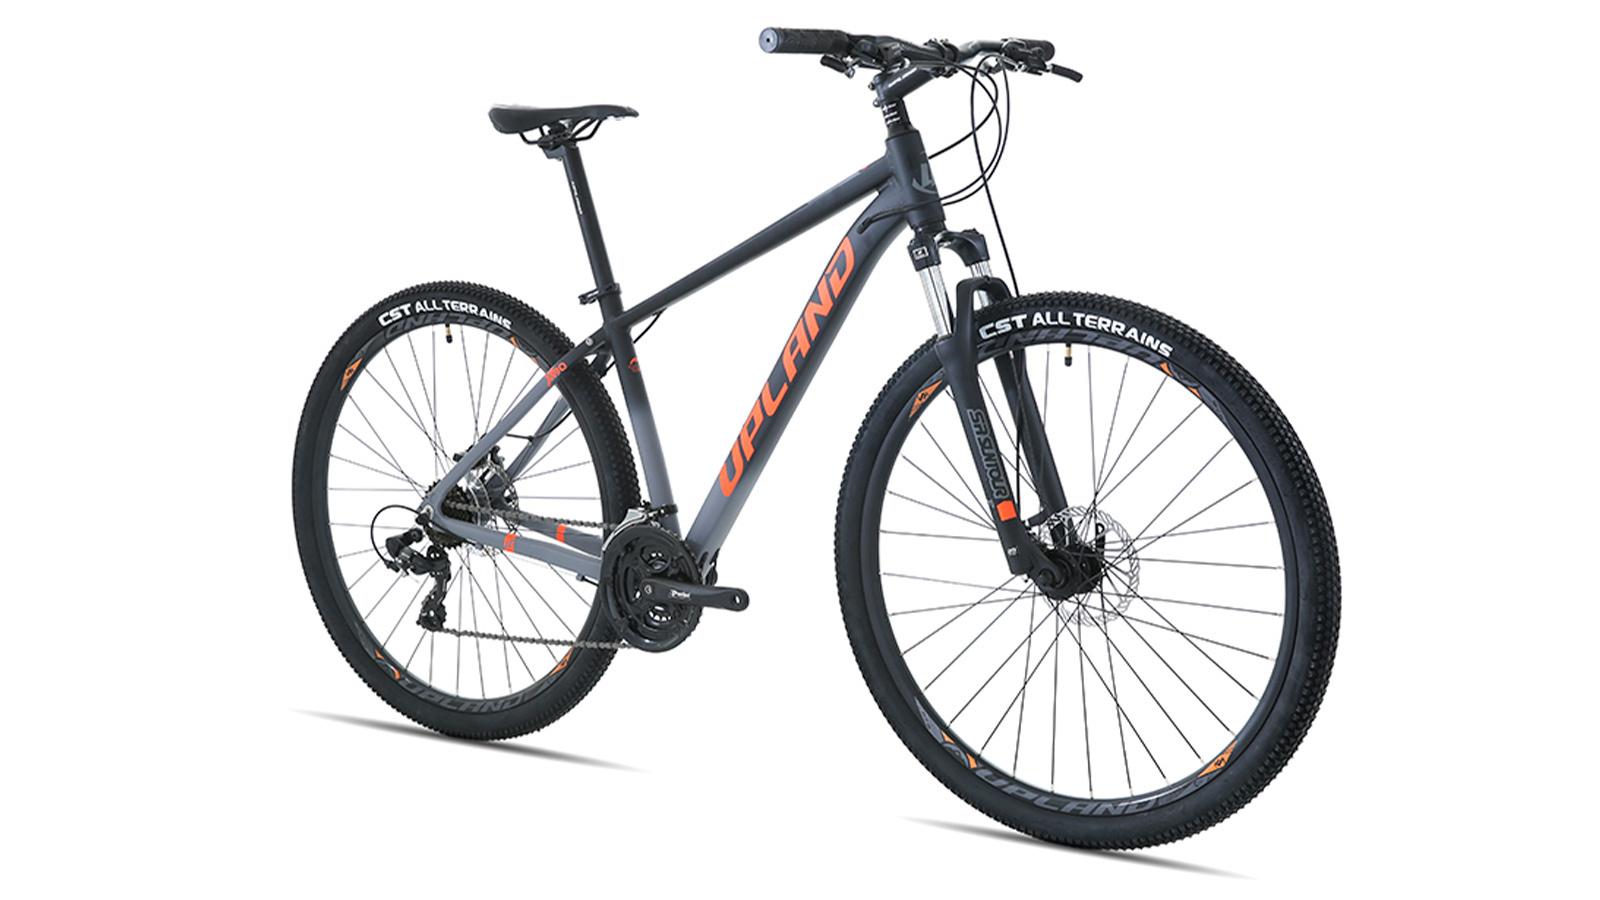 горный велосипед Upland X90, вид спереди